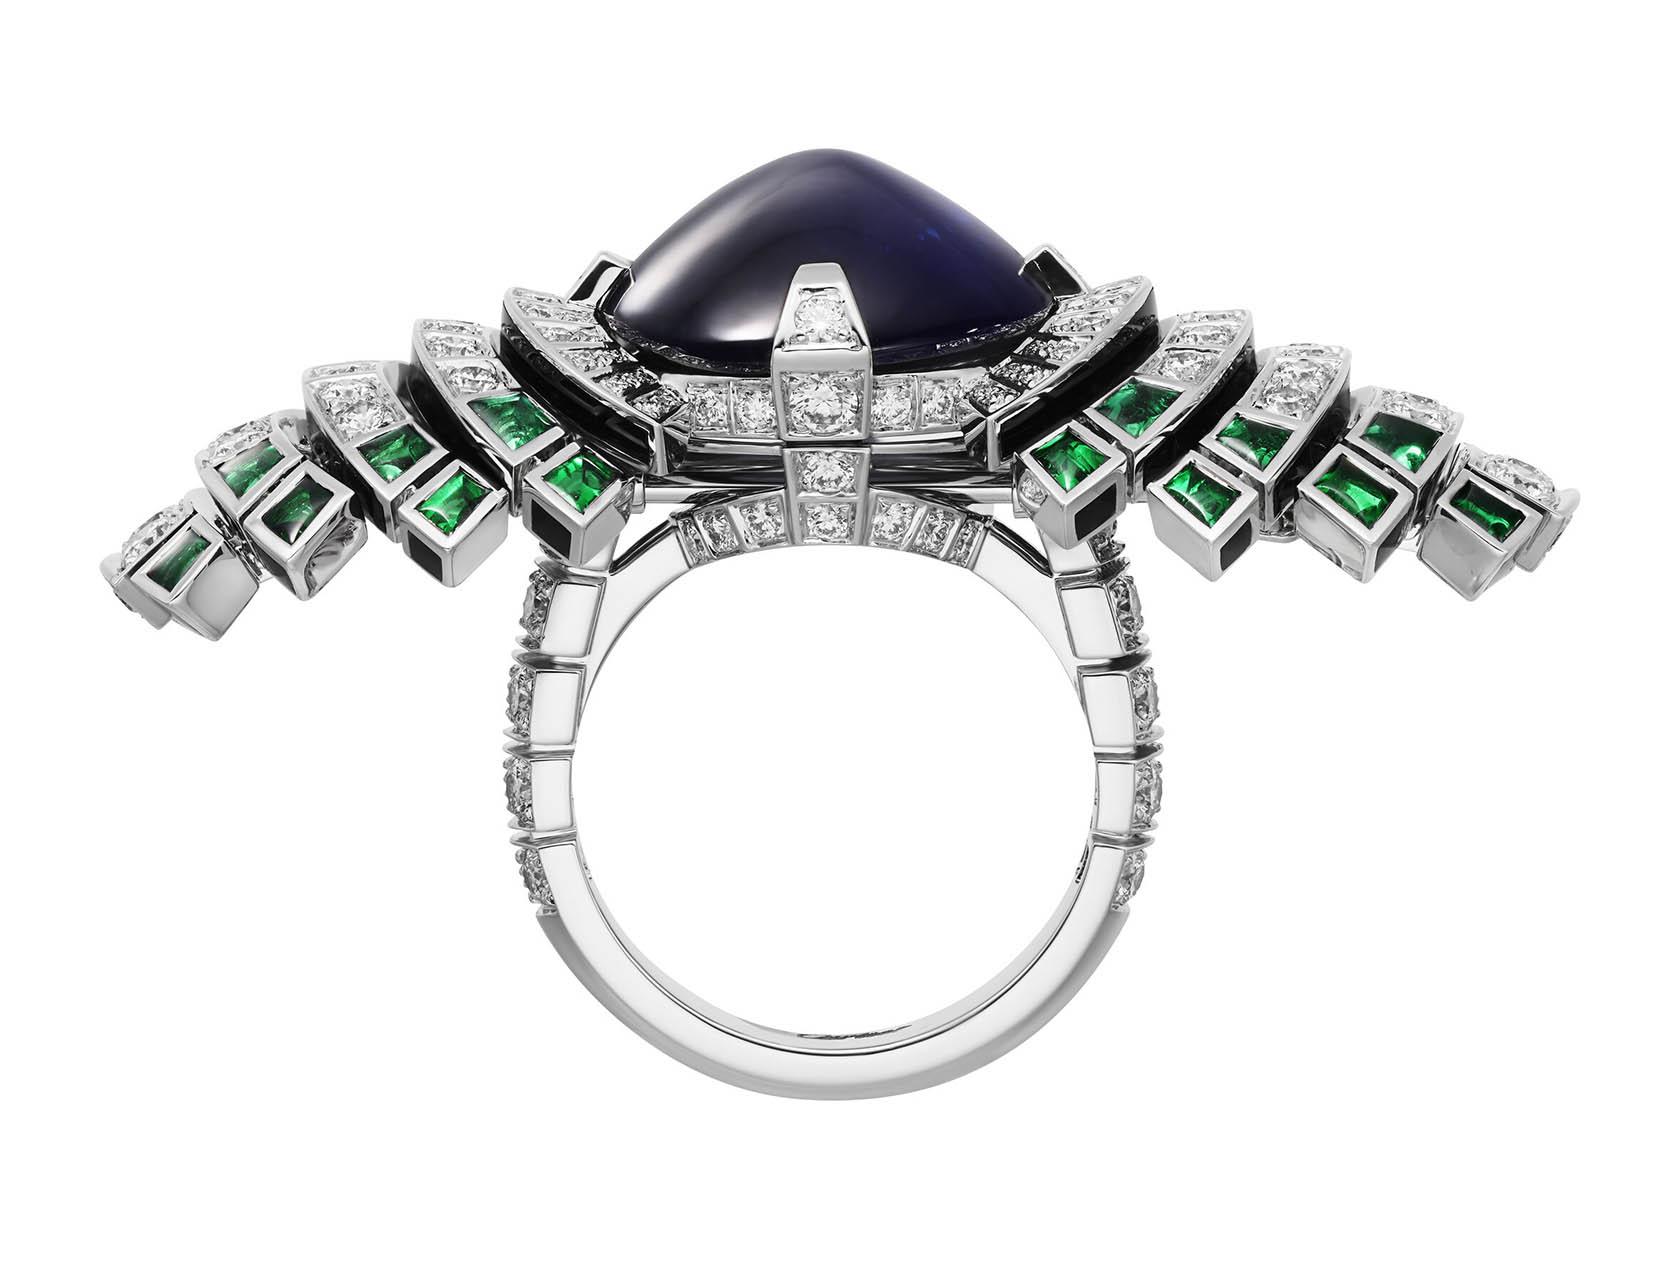 Кольцо Cartier Parhelia, сапфиры бриллианты изумруды. Вид с торца